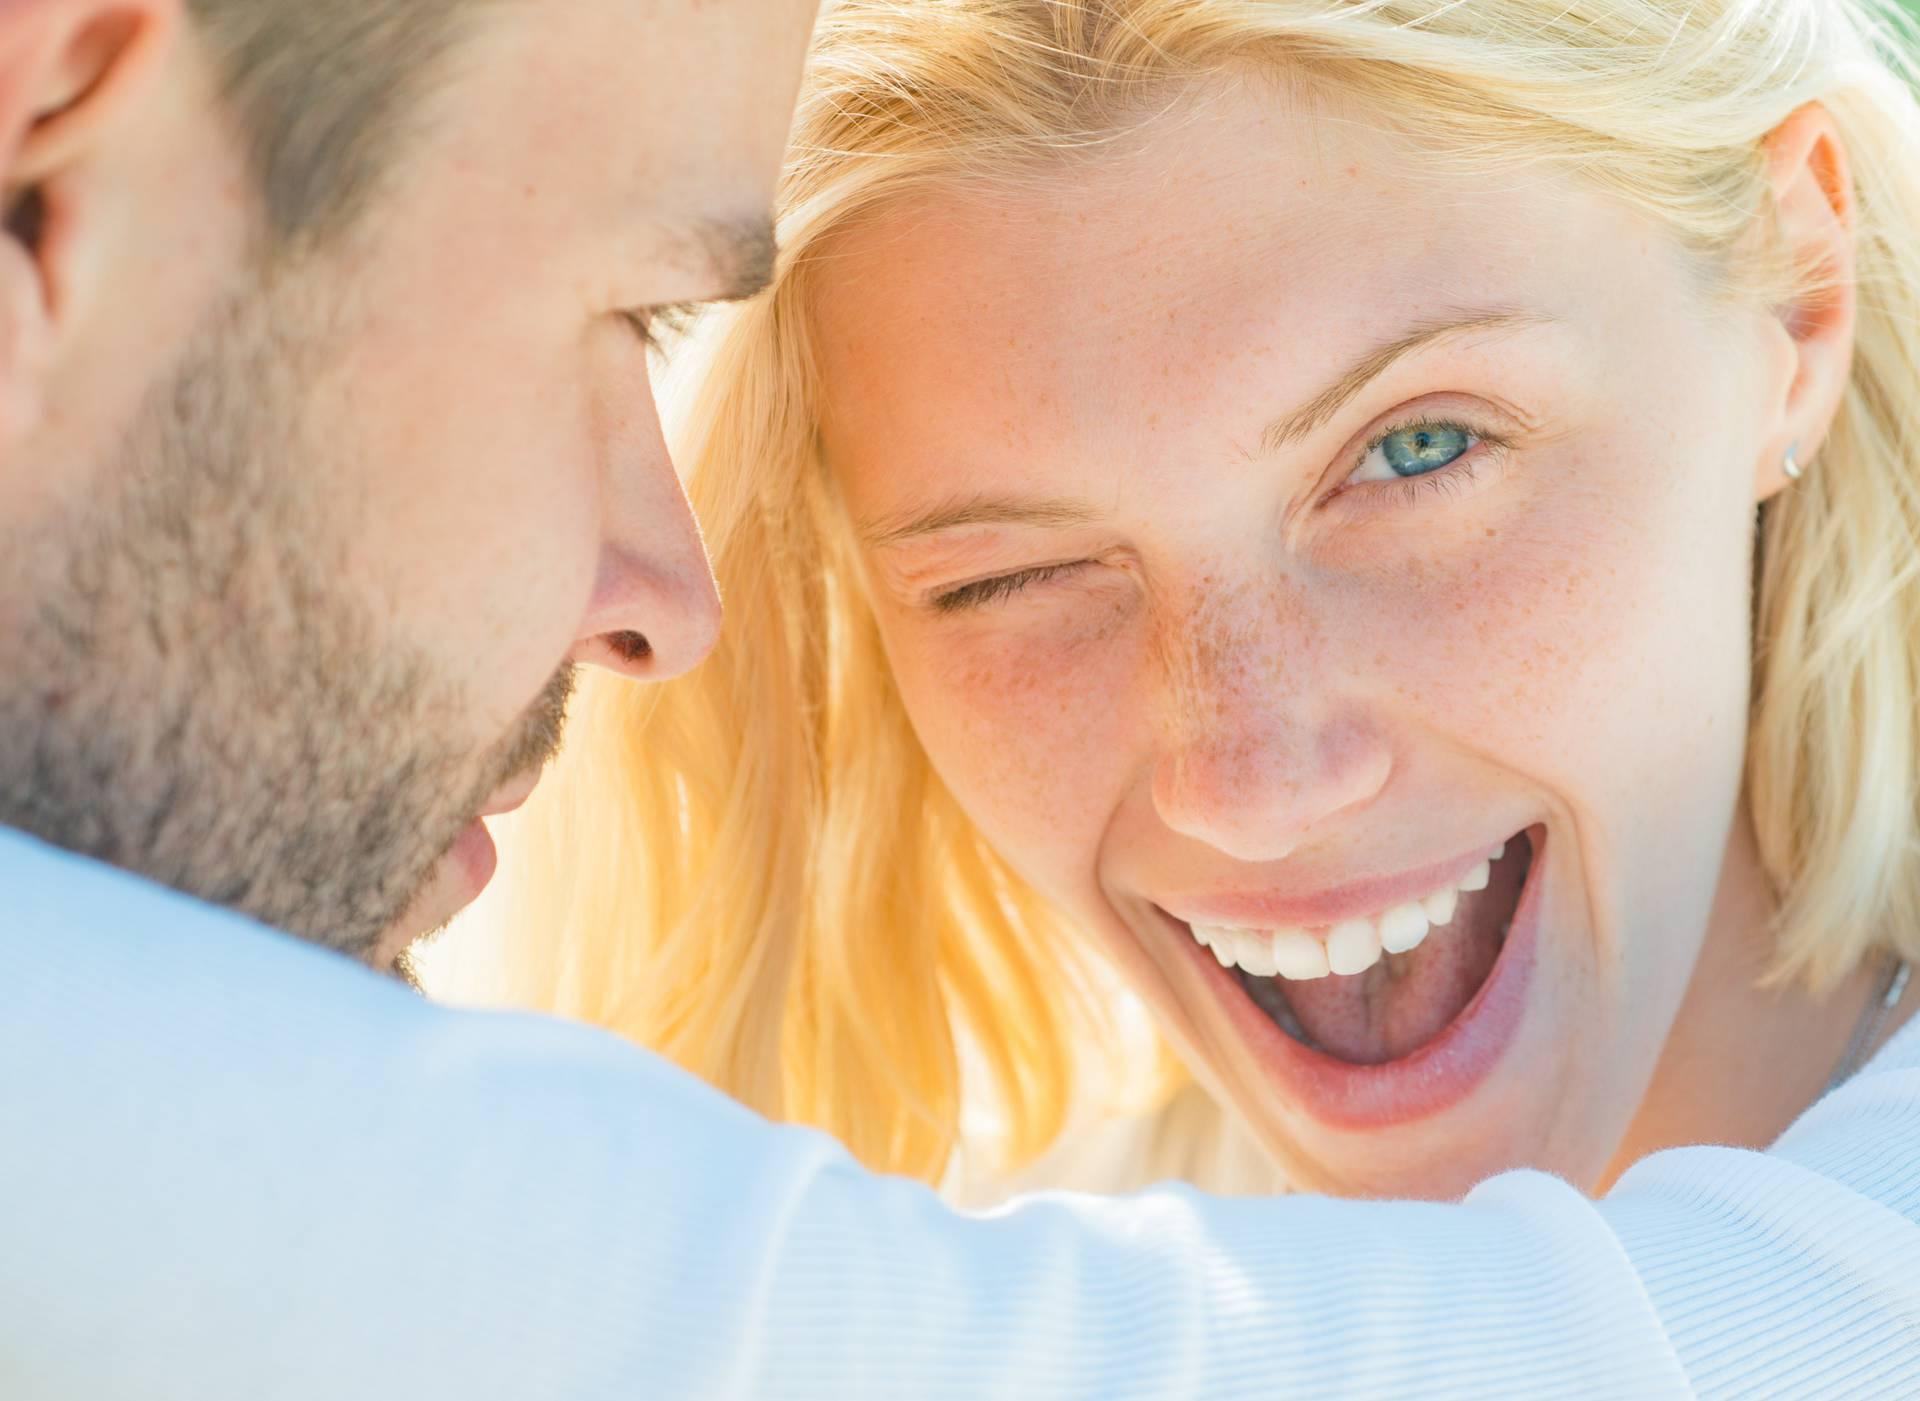 Žene su priznale: Kakav tip muškarca im se najviše sviđa?